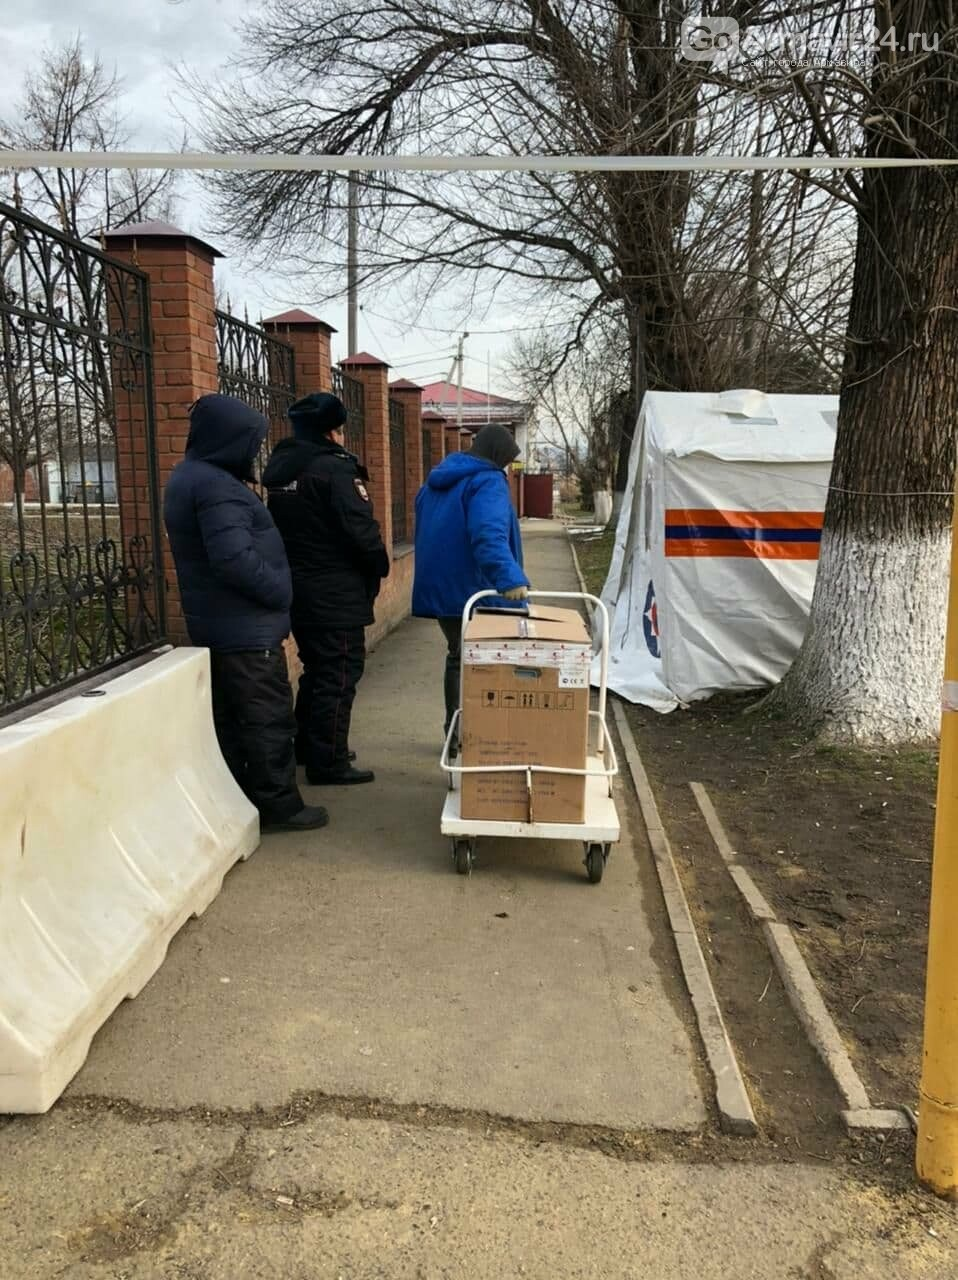 В Армавире необходимое оборудование для инфекционной больницы приобрел председатель СМД Штаничев, фото-3